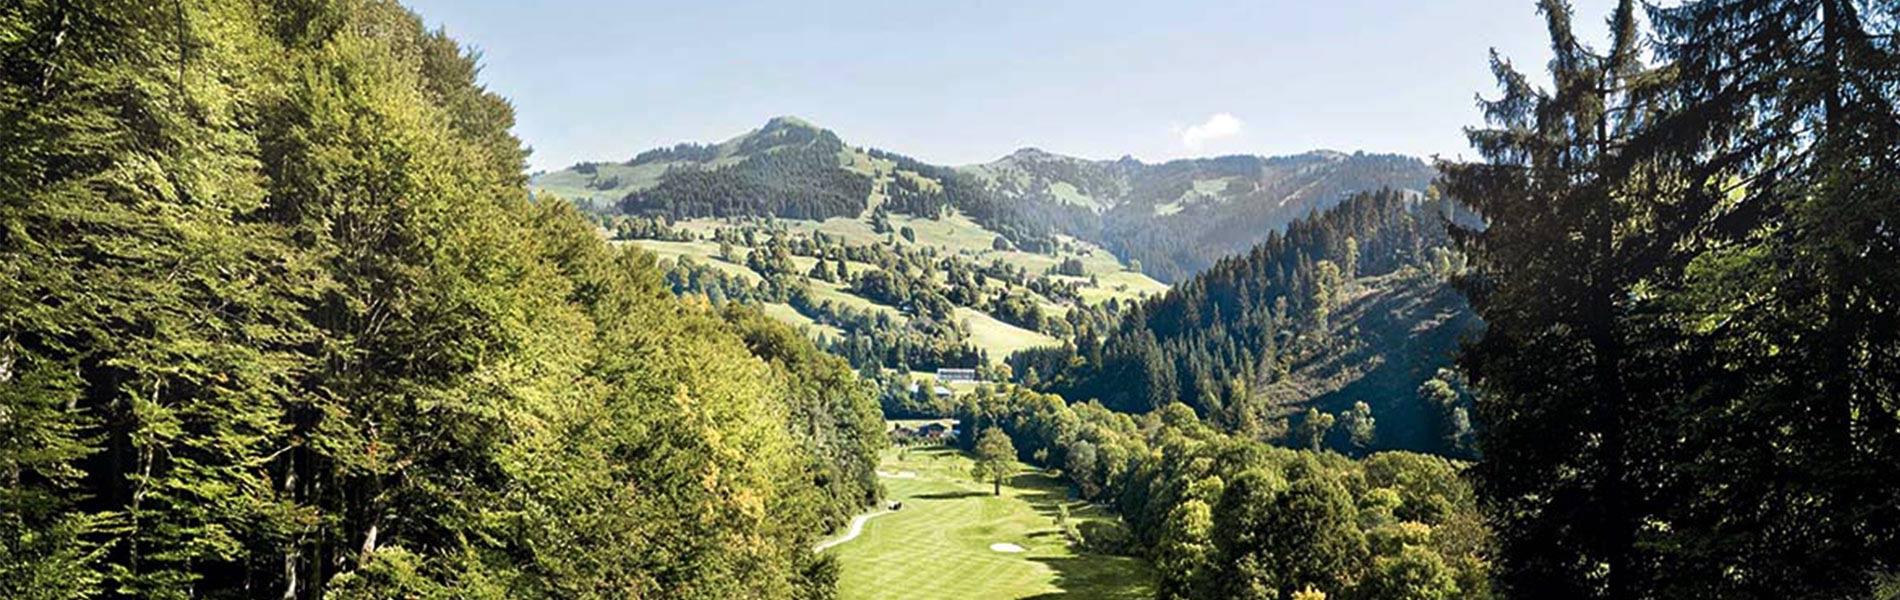 Hotel Rosengarten 5 Sterne Hotel Relais & Châteaux Hotel Kirchberg Tirol